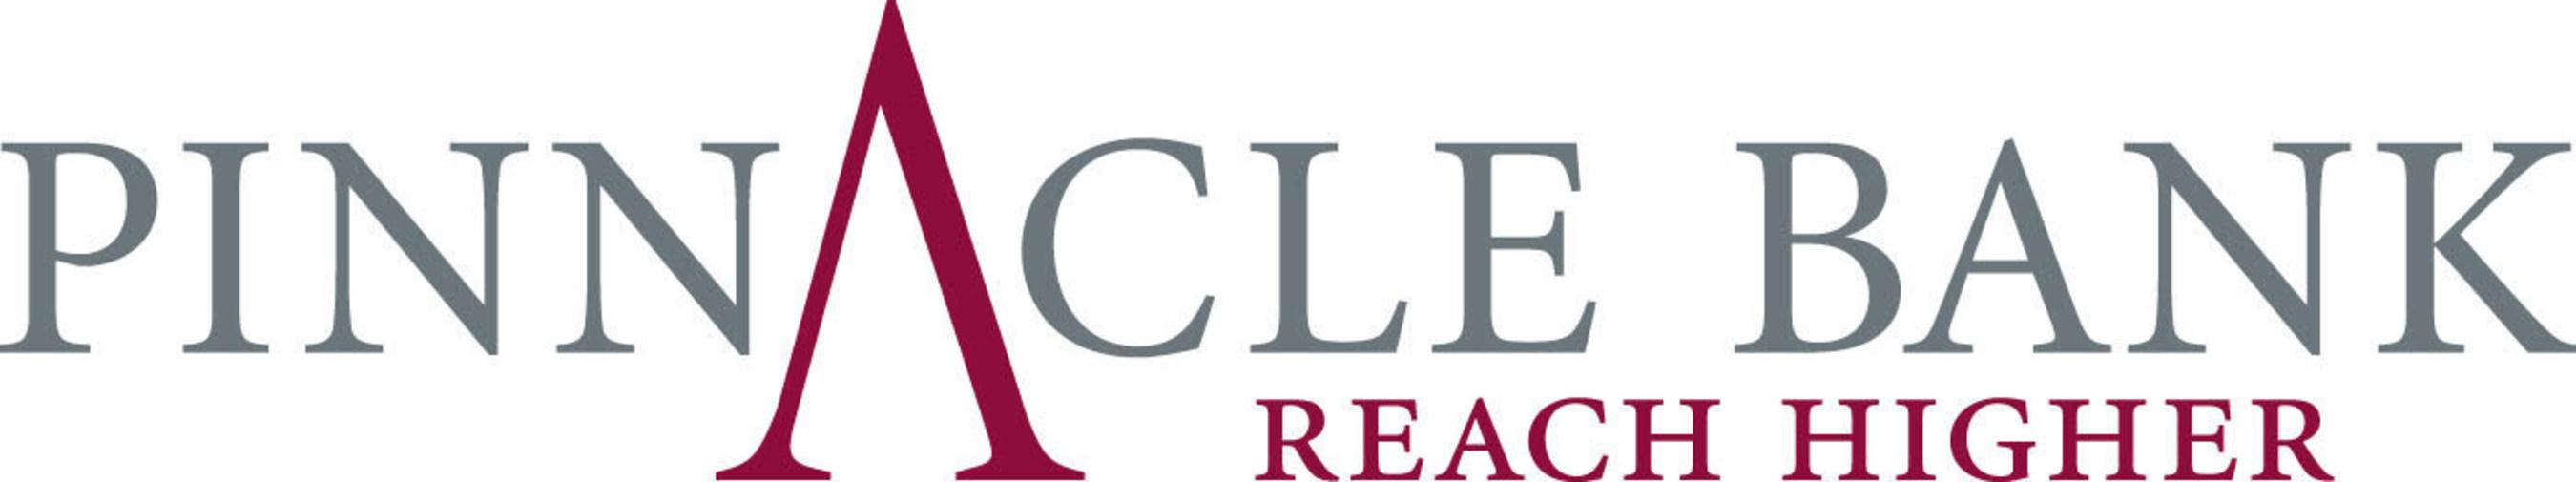 Pinnacle Bank logo